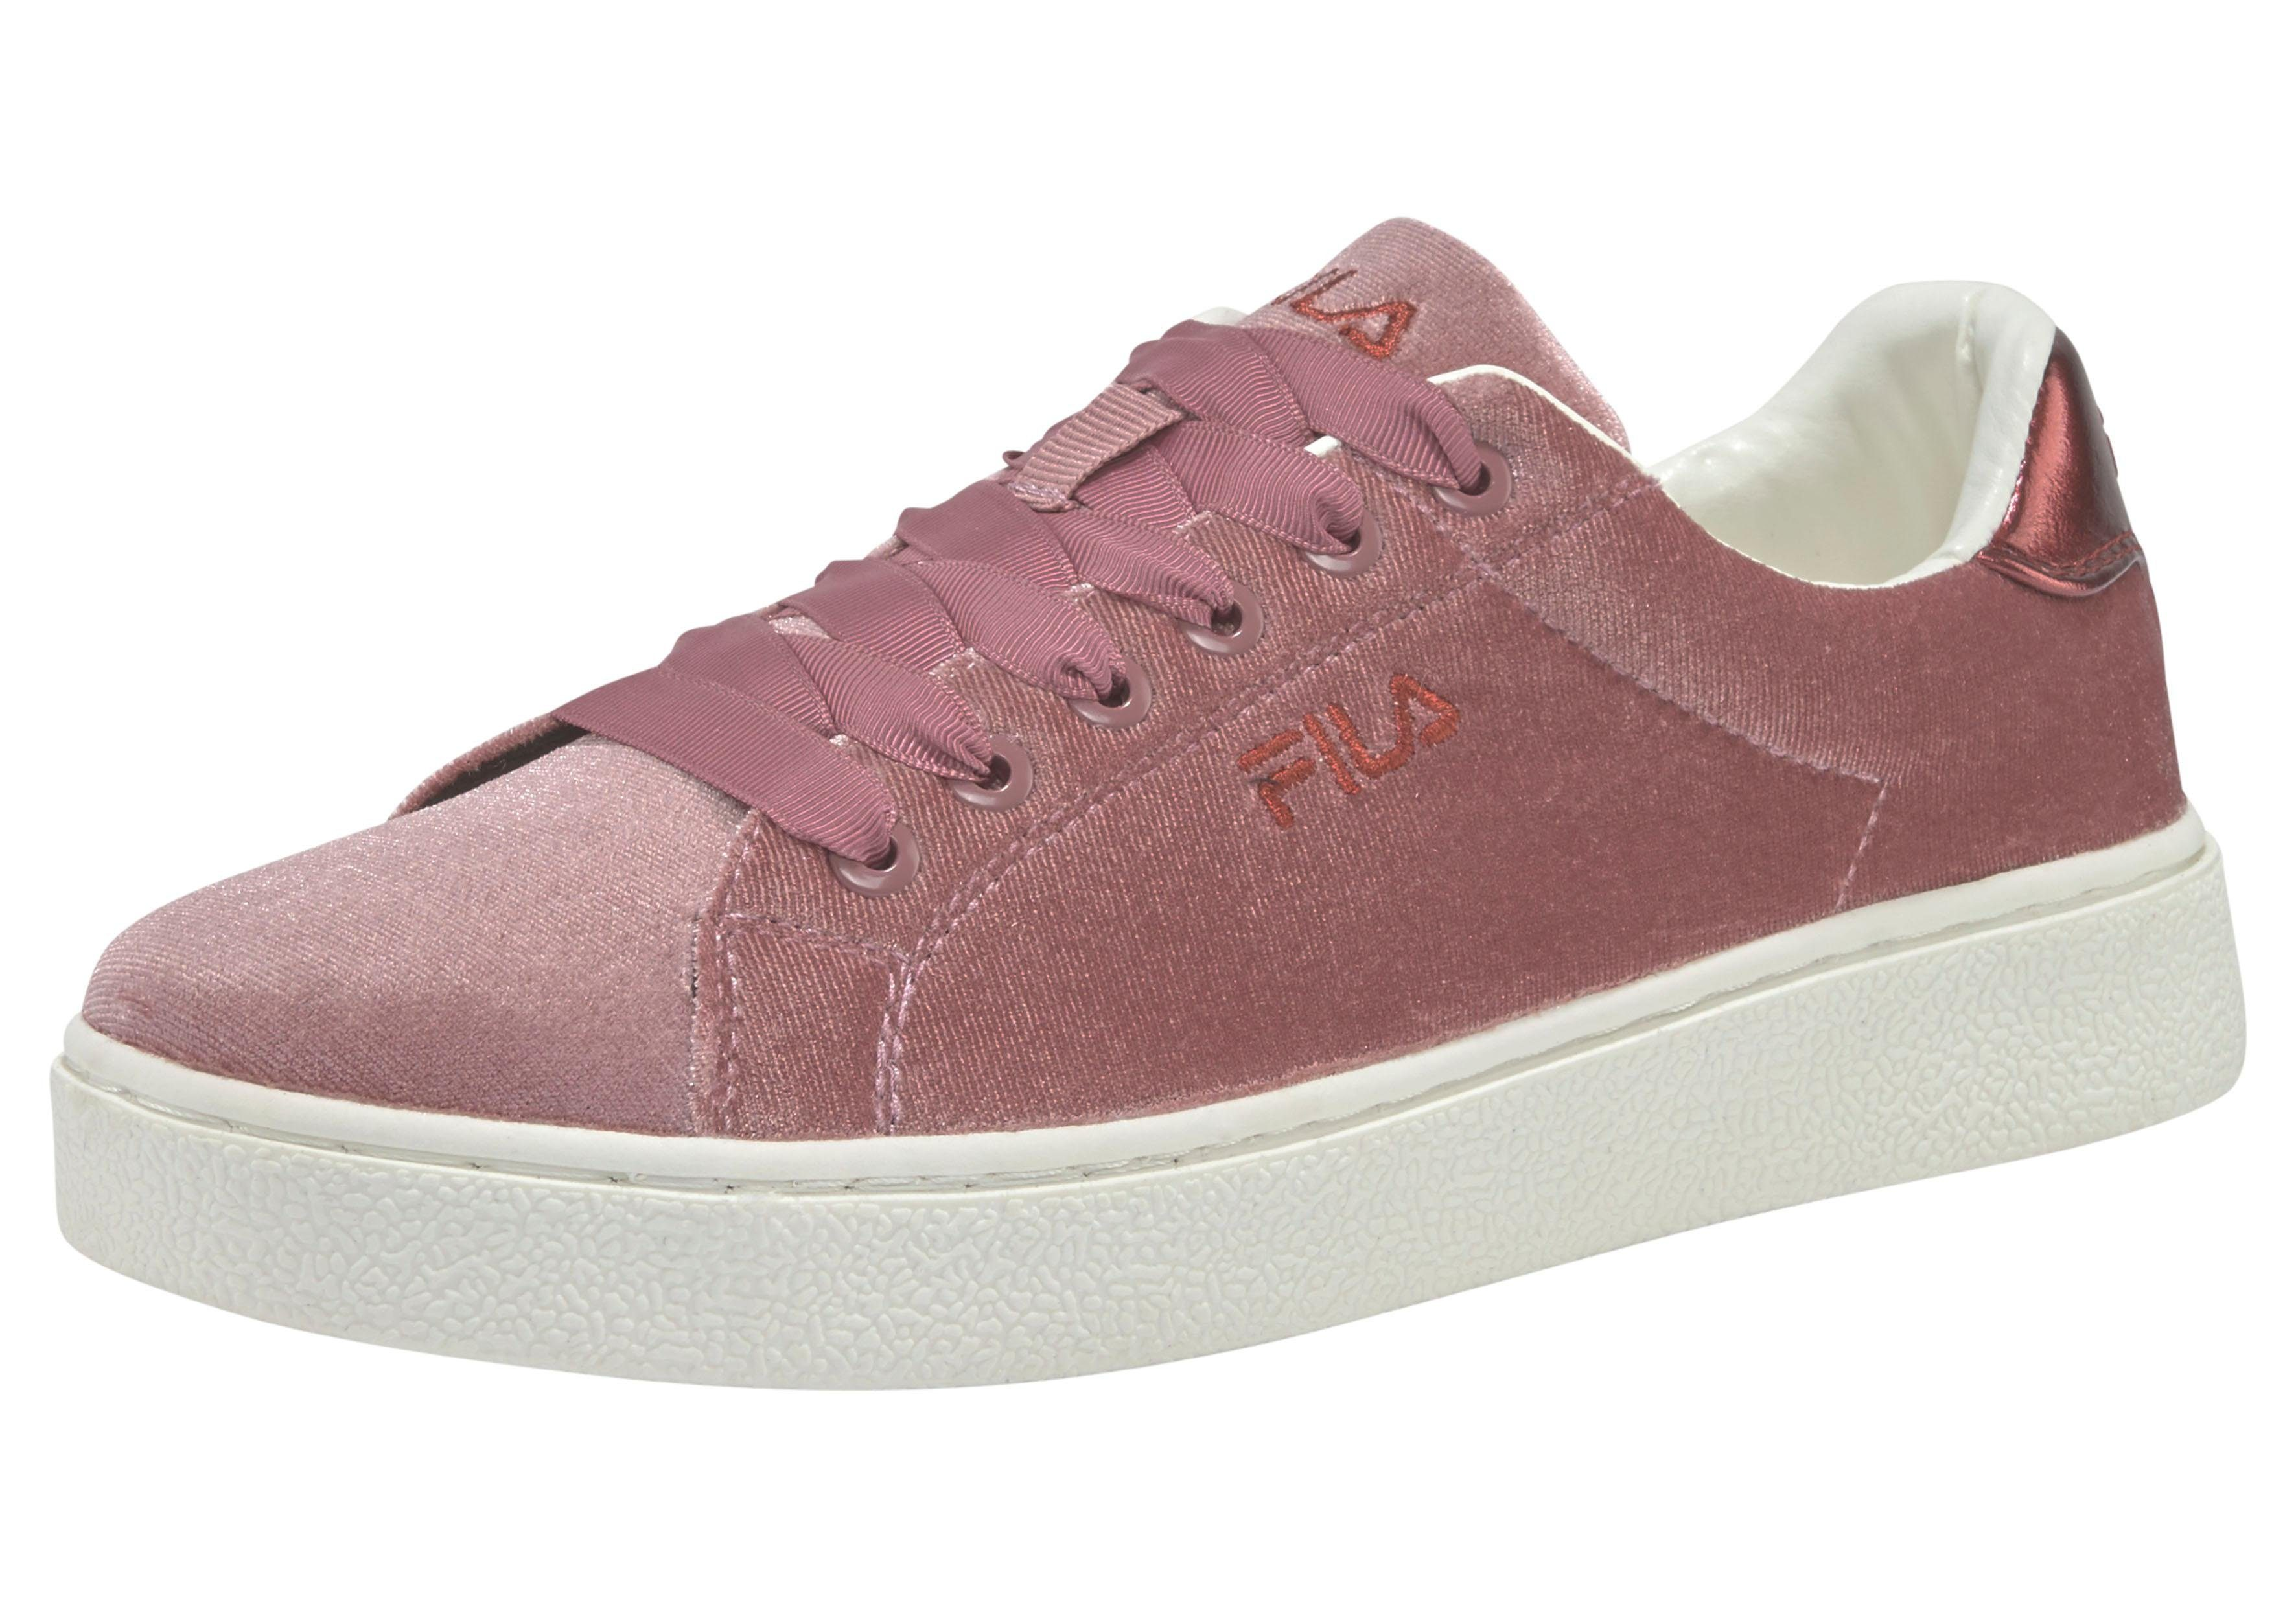 Fila »Upstage V Low Wmn« Sneaker, Fila Sneaker im trendigen Design online kaufen | OTTO